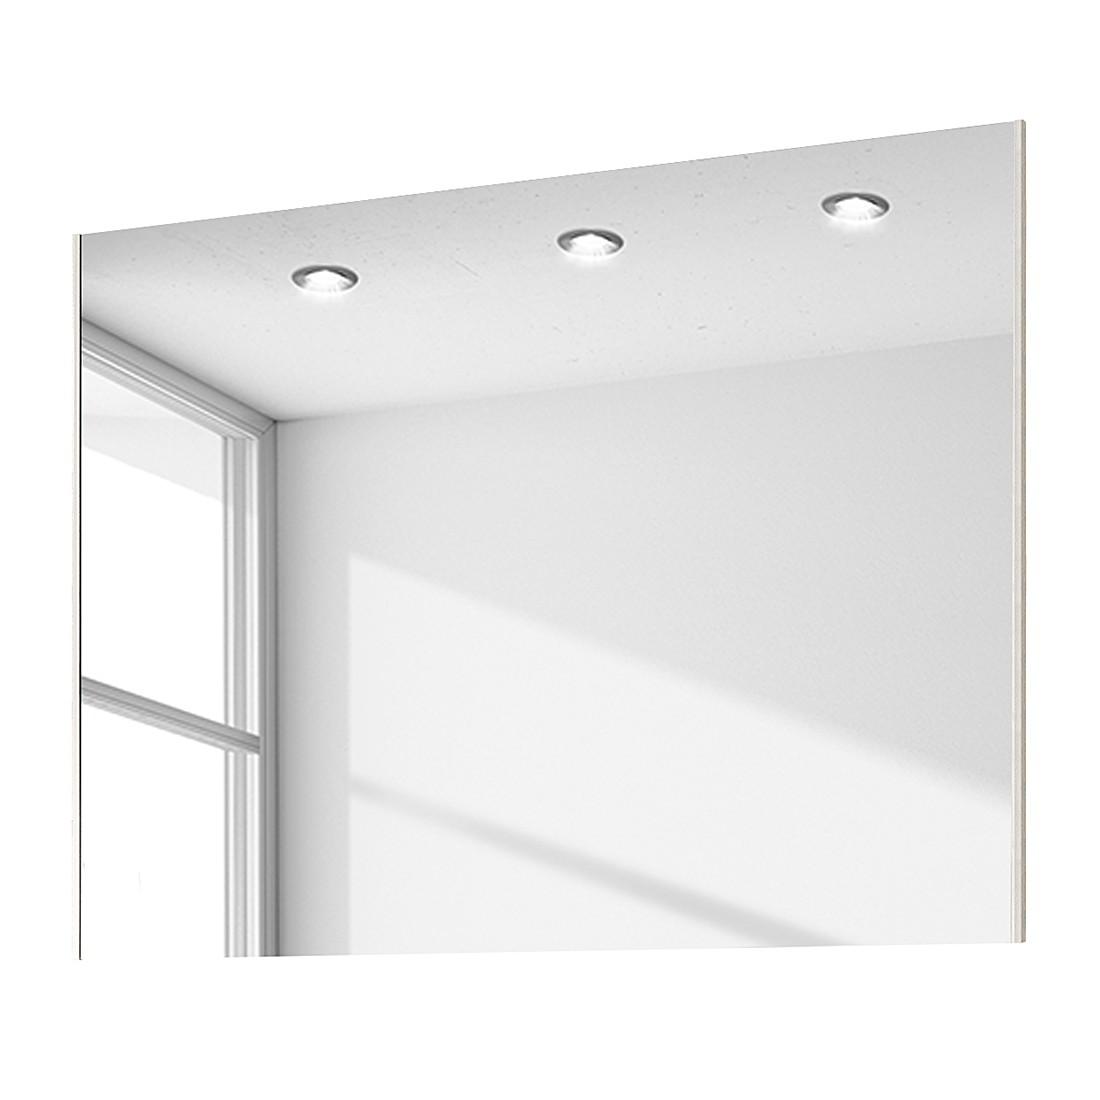 Miroir Bolton III - 108 x 86 cm, Voss